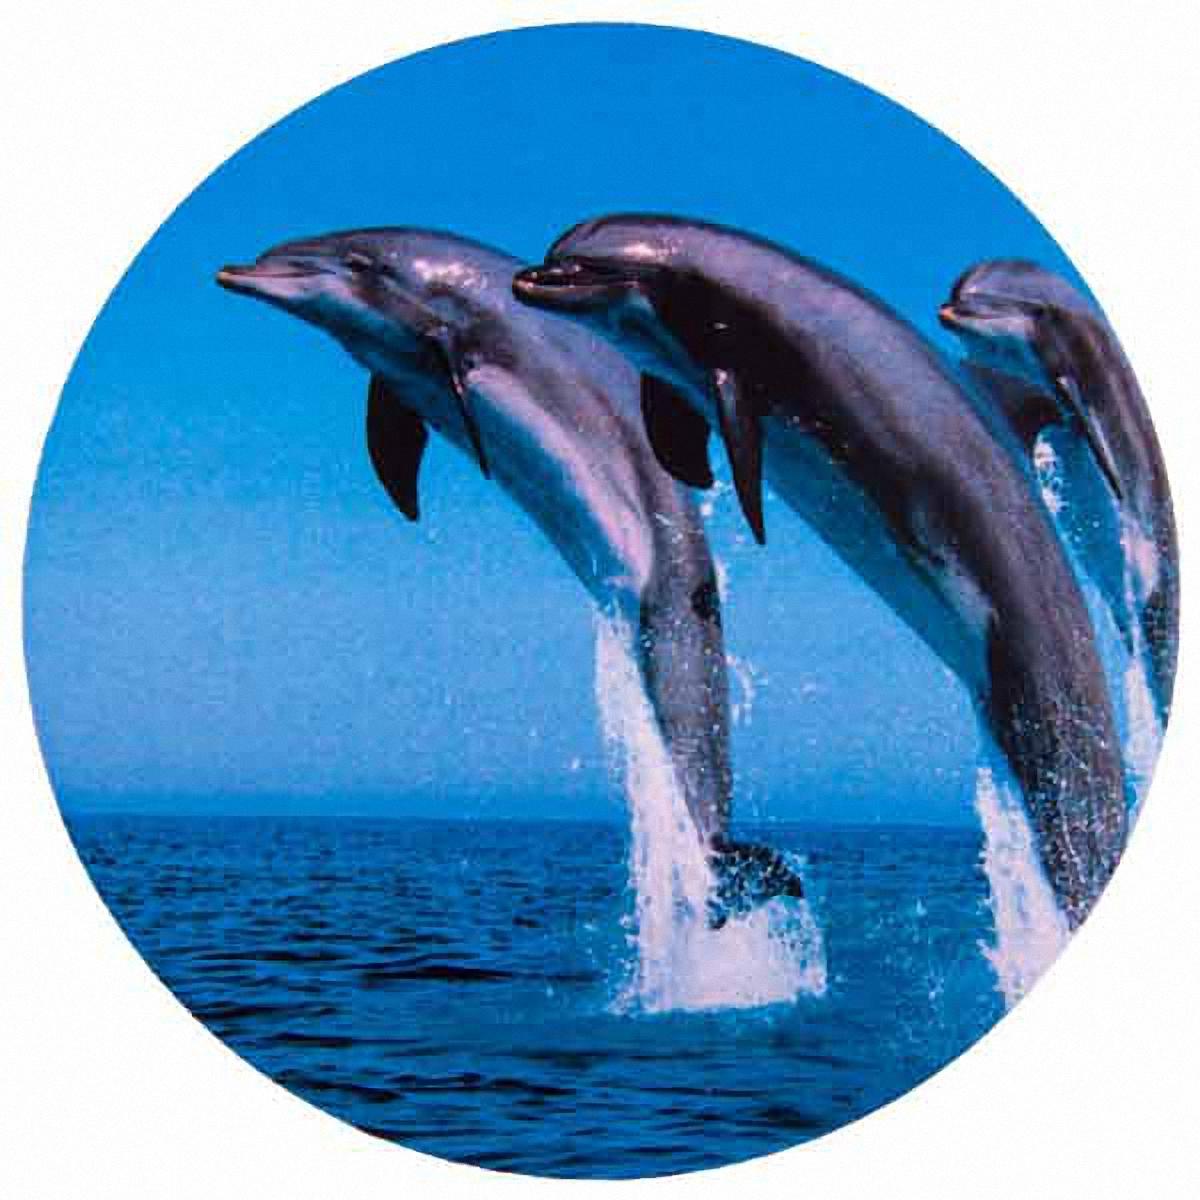 Чехол на запасное колесо Skyway Дельфины, диаметр 67 смS06301011Чехол Skyway Дельфины обеспечивает защиту запасного колеса автомобиля от загрязнений, прямых солнечных лучей, воздействия воды, посторонних предметов, агрессивных сред и других негативных факторов. Чехол изготовлен из прочной экокожи, которая легко моется и надолго сохраняет внешний вид. Чехол оформлен оригинальным изображением дельфинов и снабжен резинкой для легкого надевания. Благодаря чехлу, колесо сохранит свой внешний вид и характеристики. Размер колеса: R15. Диаметр чехла: 67 см.